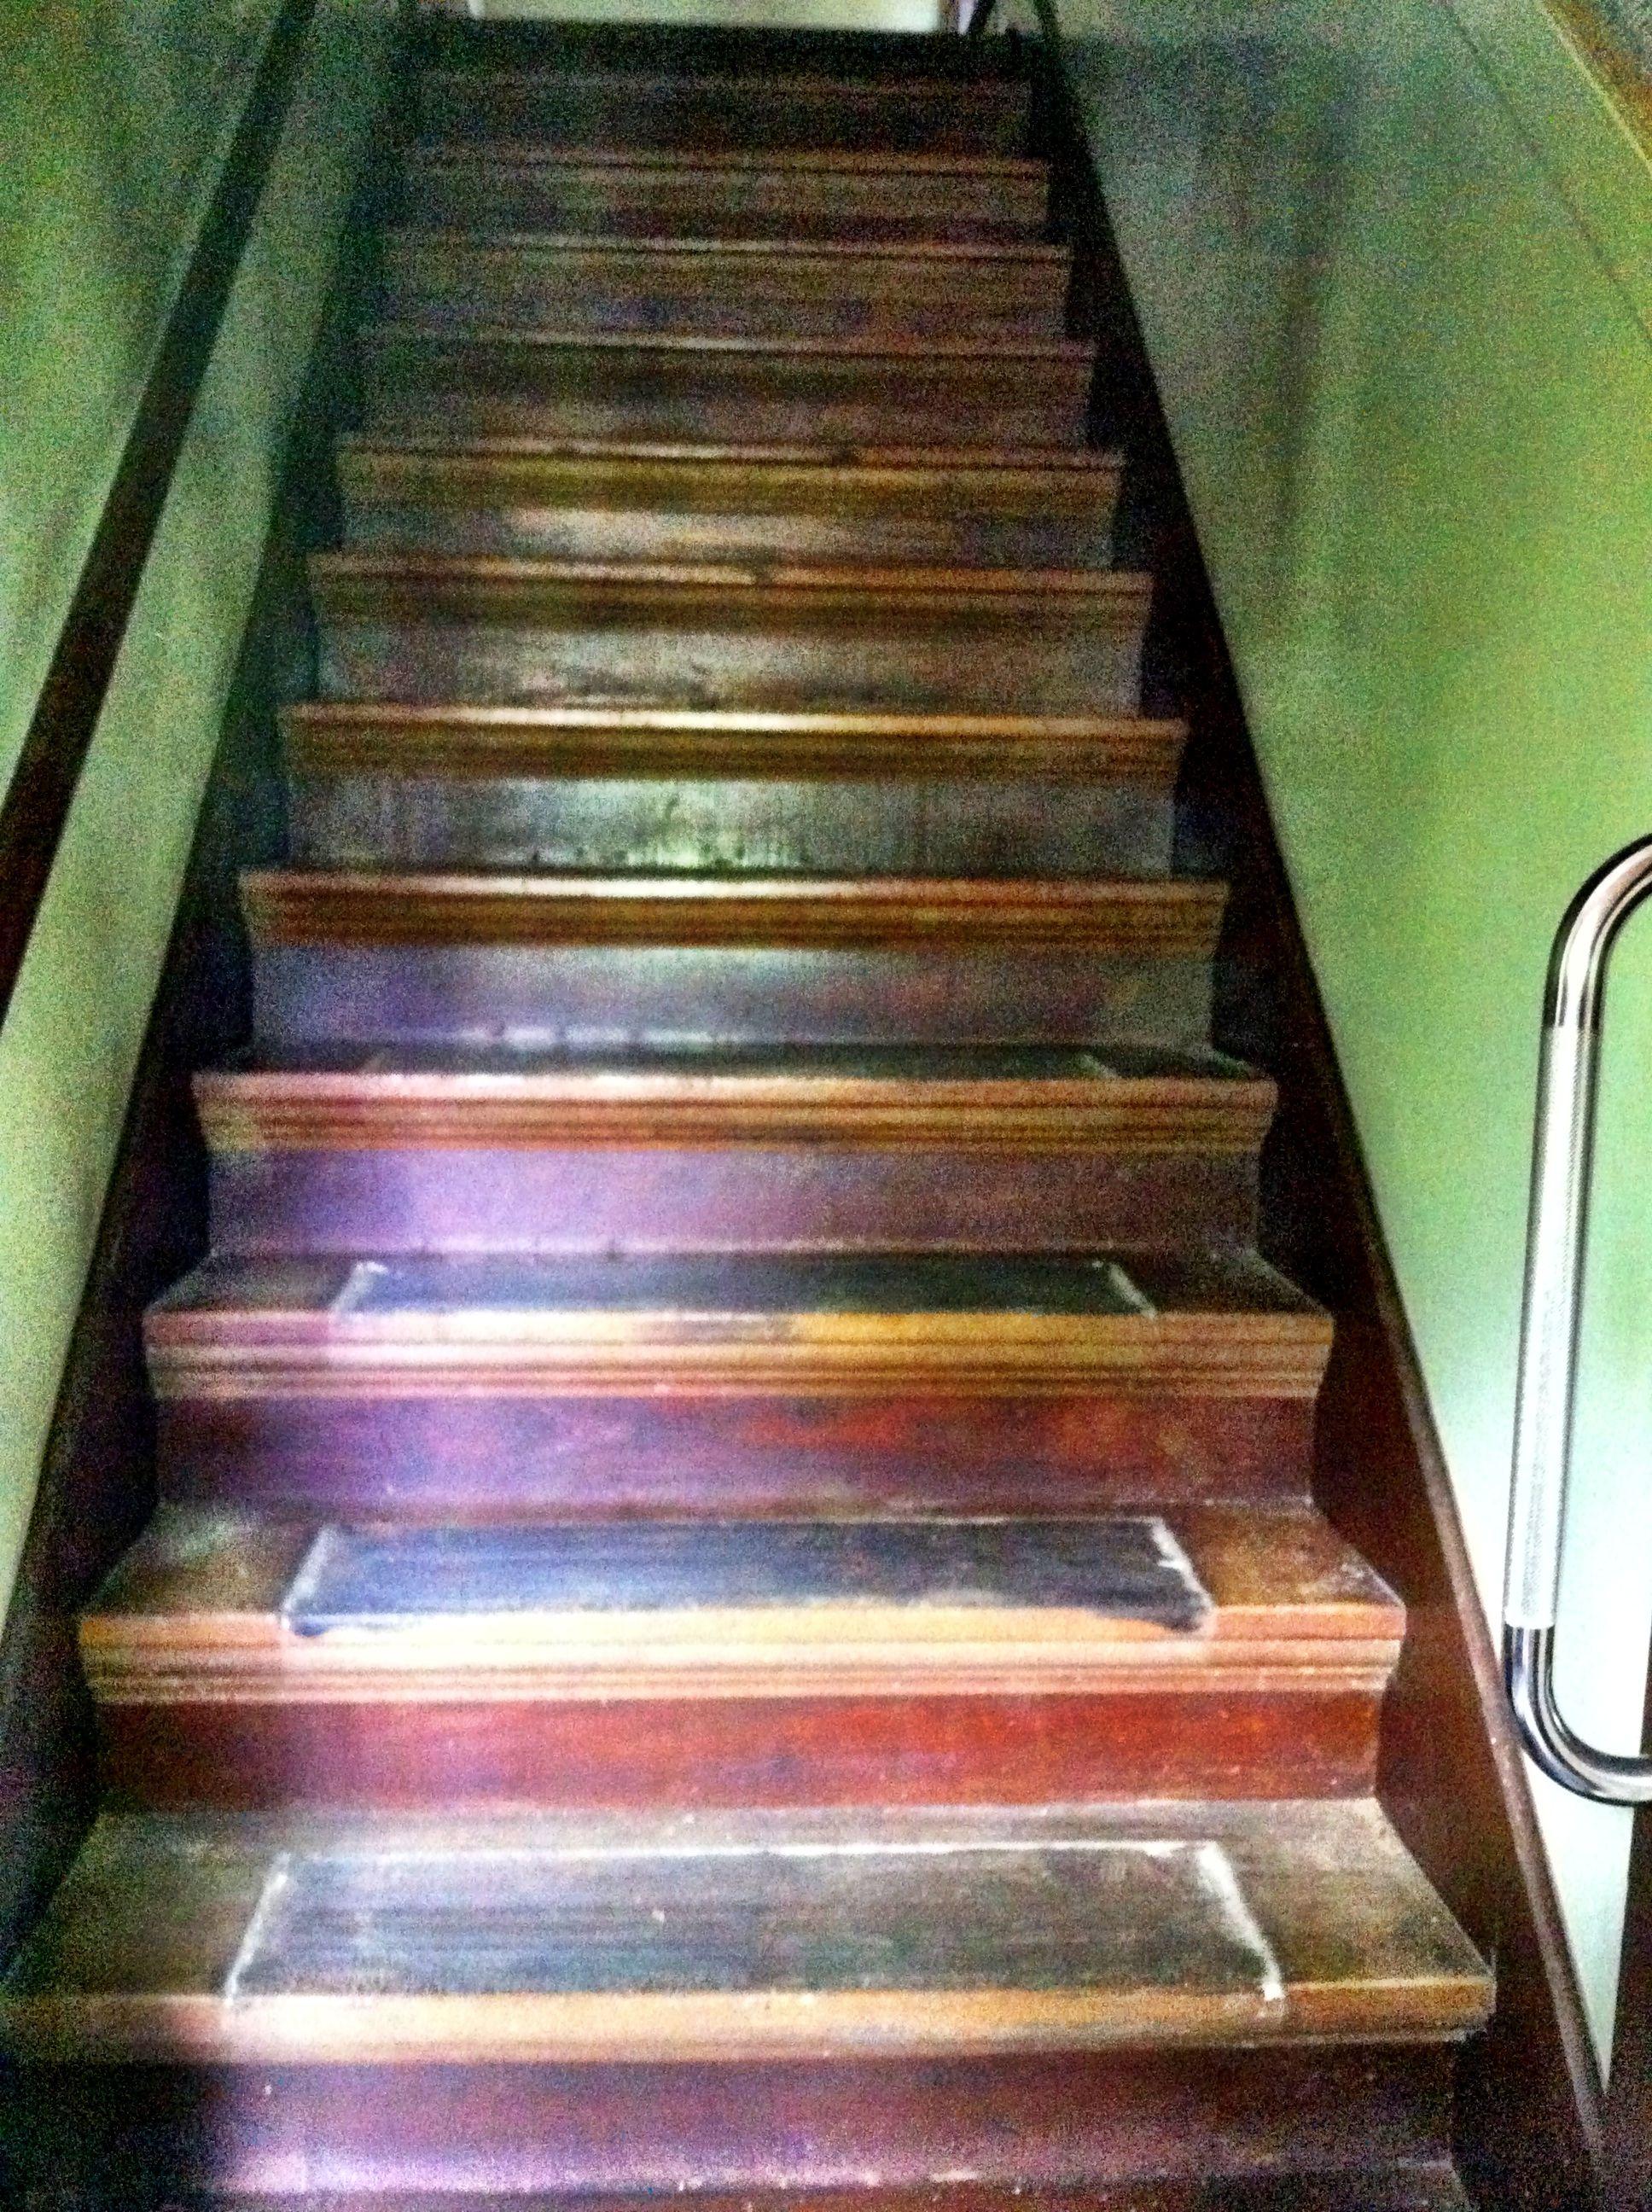 Stairway, per remodel